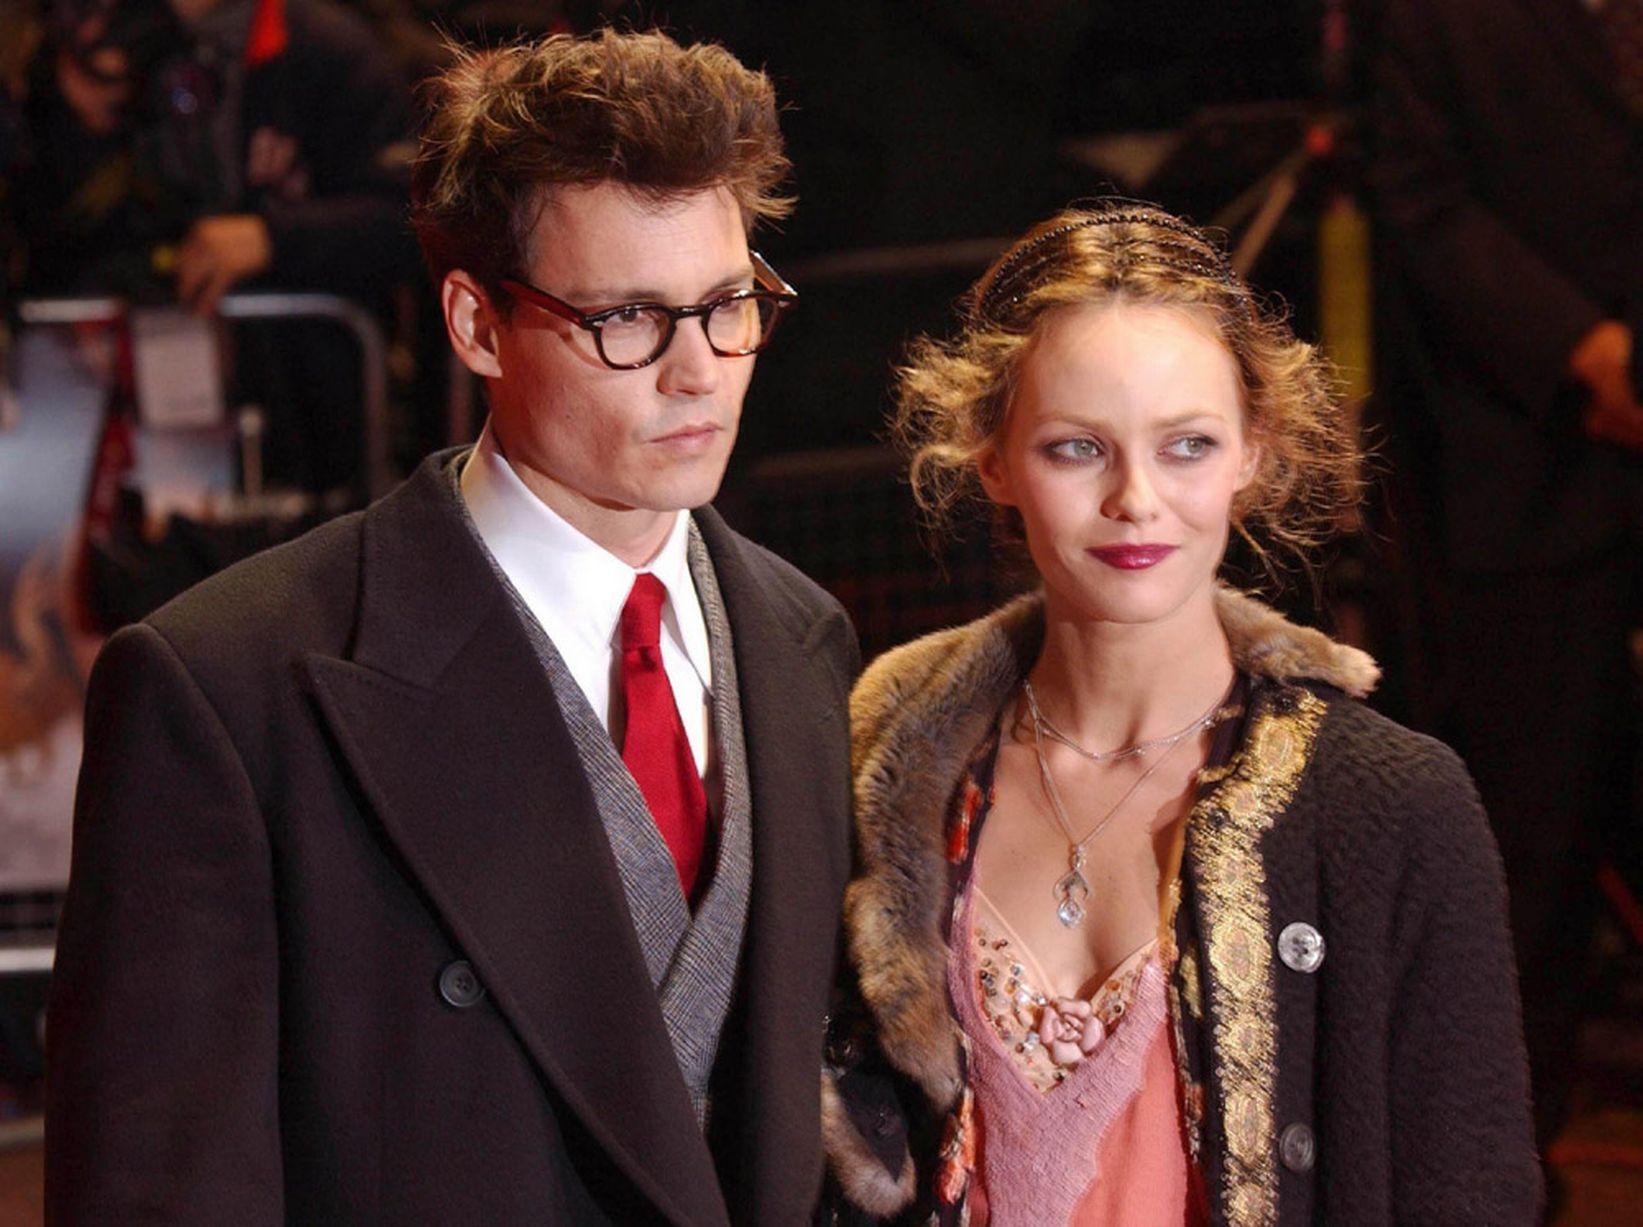 Johnny-Depp-Vanessa-Paradis-2004